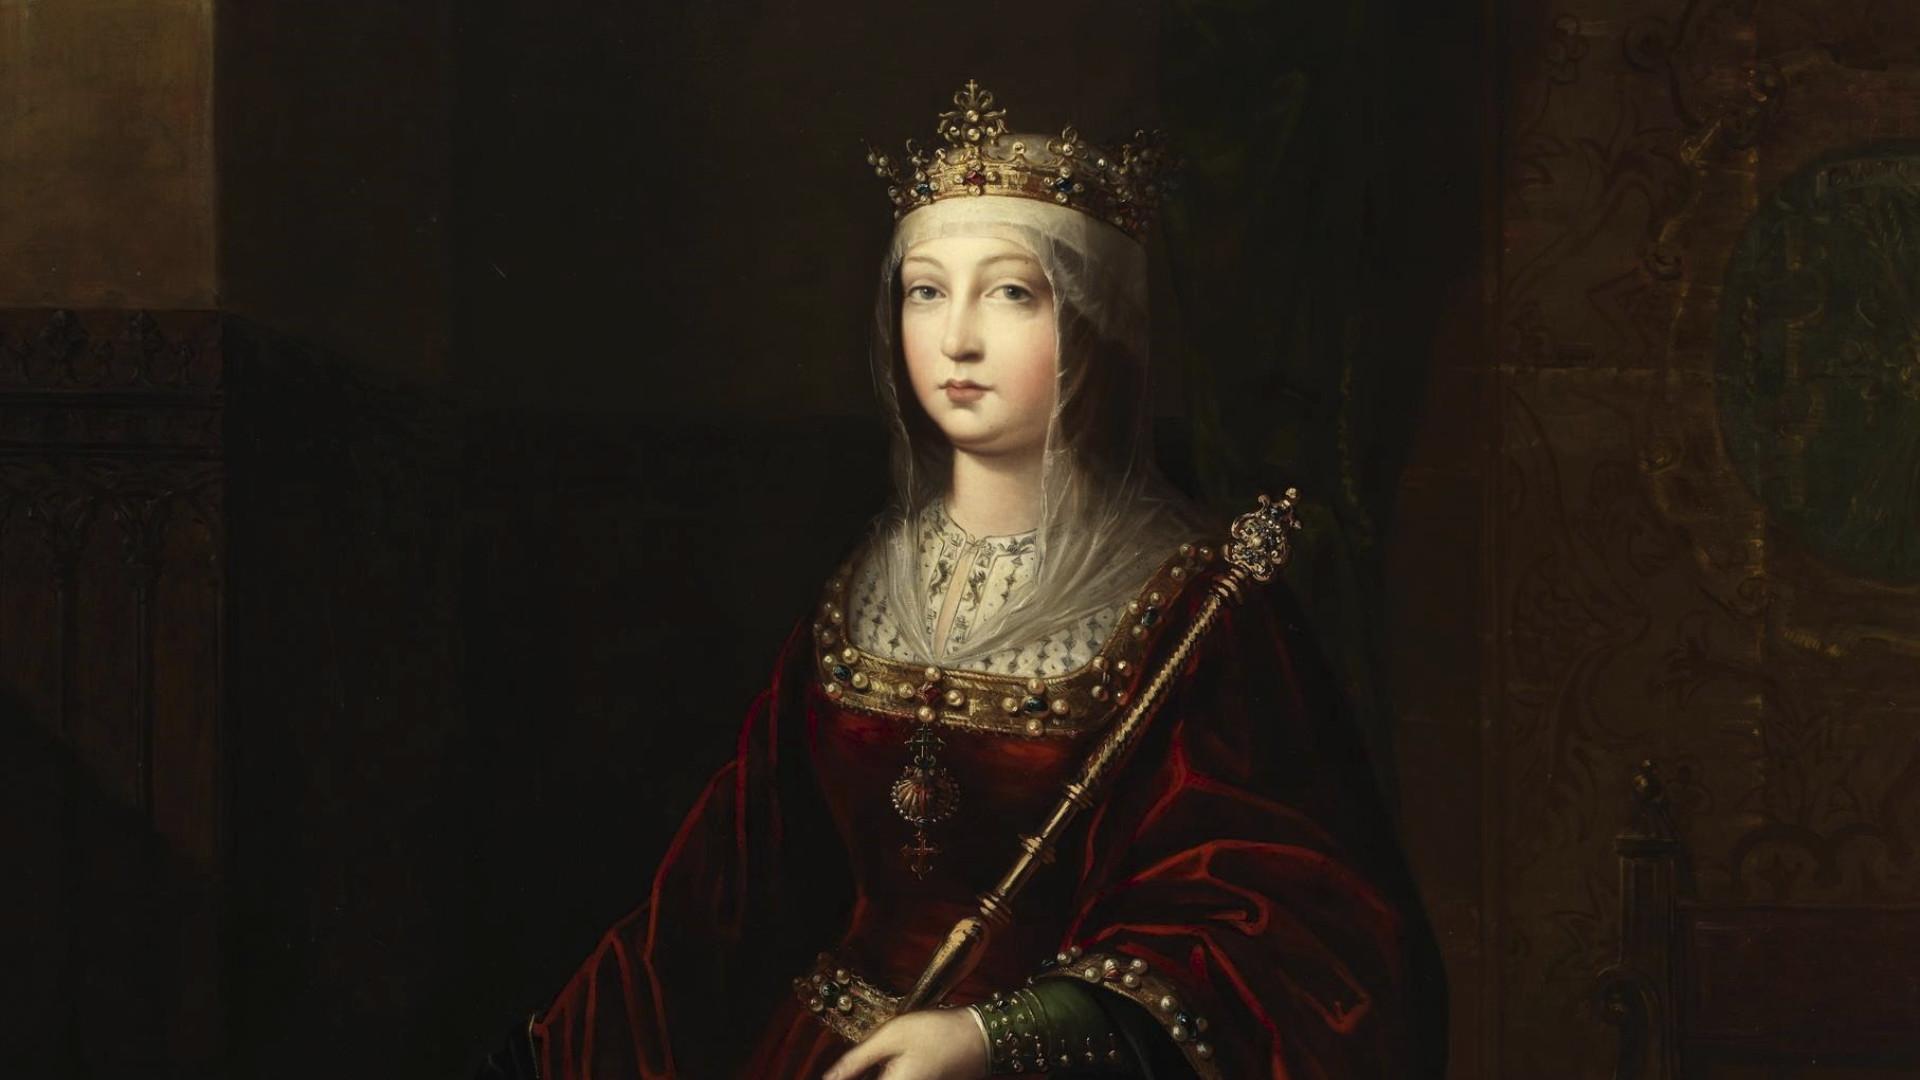 II Encuentro Milenio: Isabel la Católica, mito y realidad